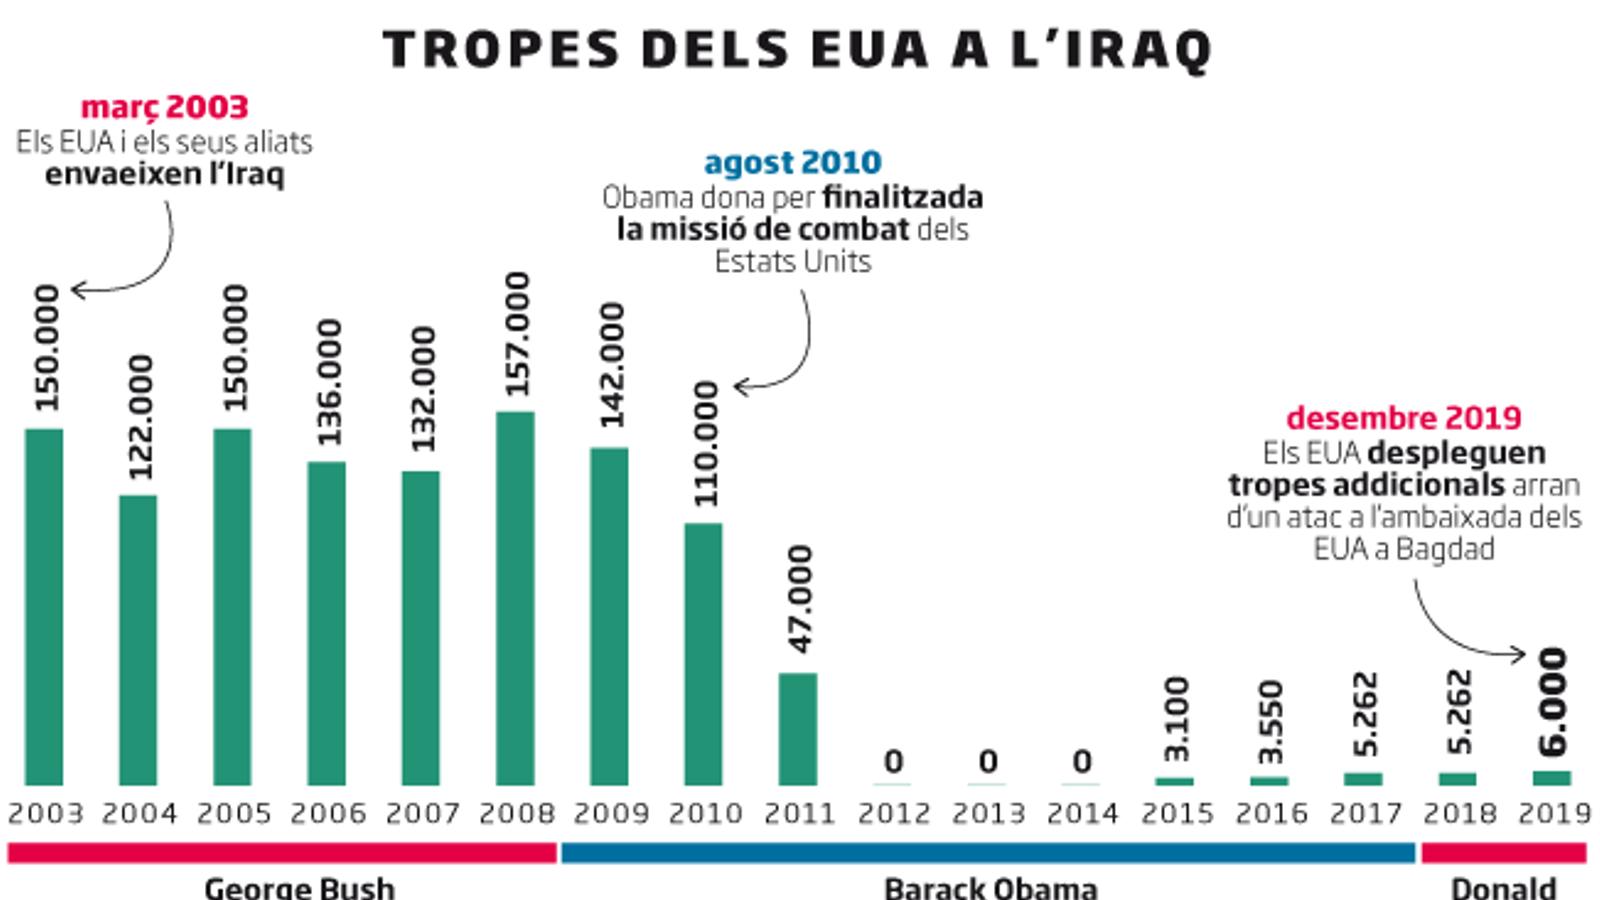 L'Iraq ja no vol soldats nord-americans